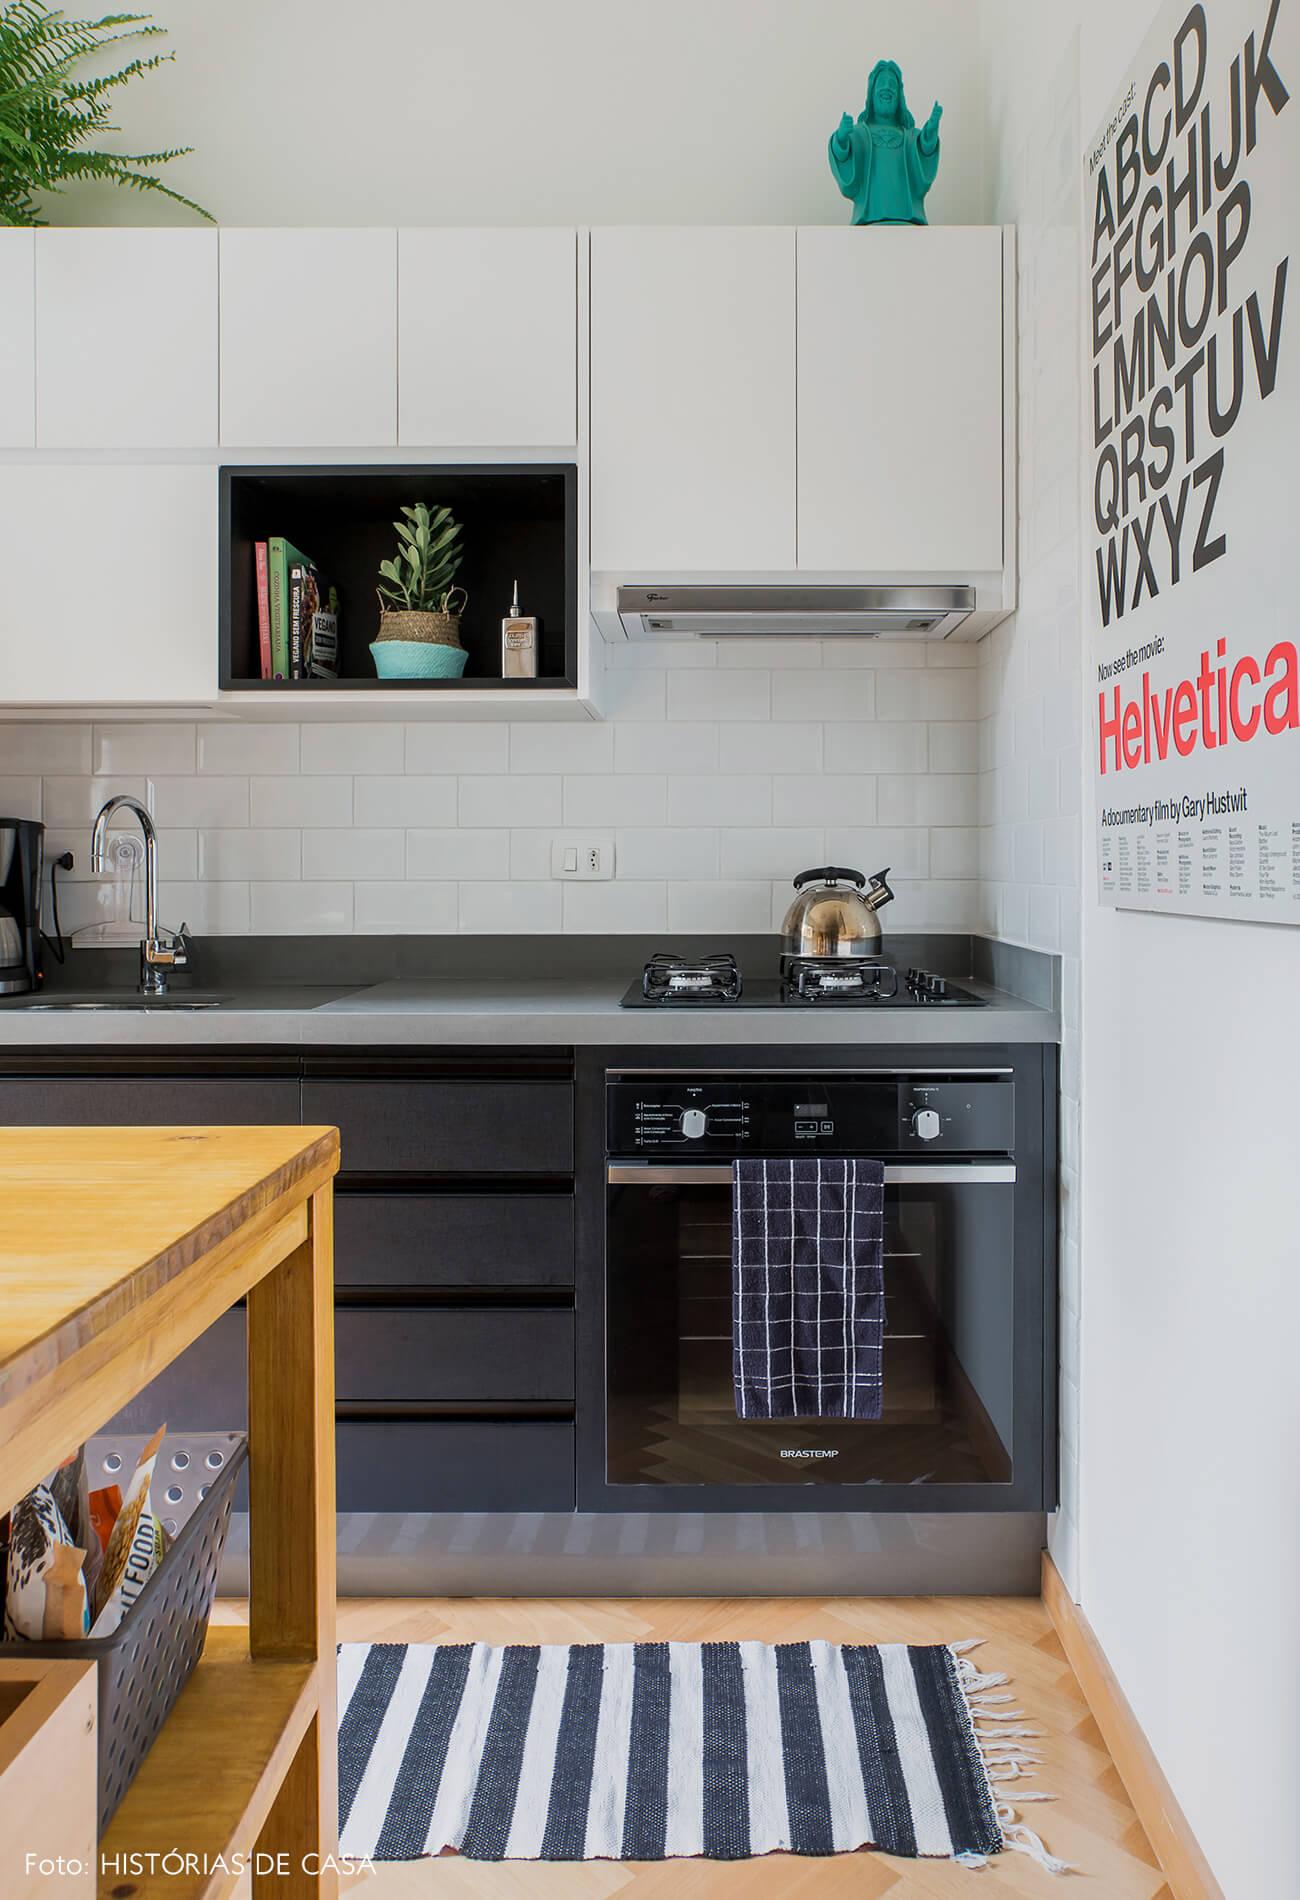 Apartamento alugado totalmente integrado, cozinha aberta com marcenaria em dois tons